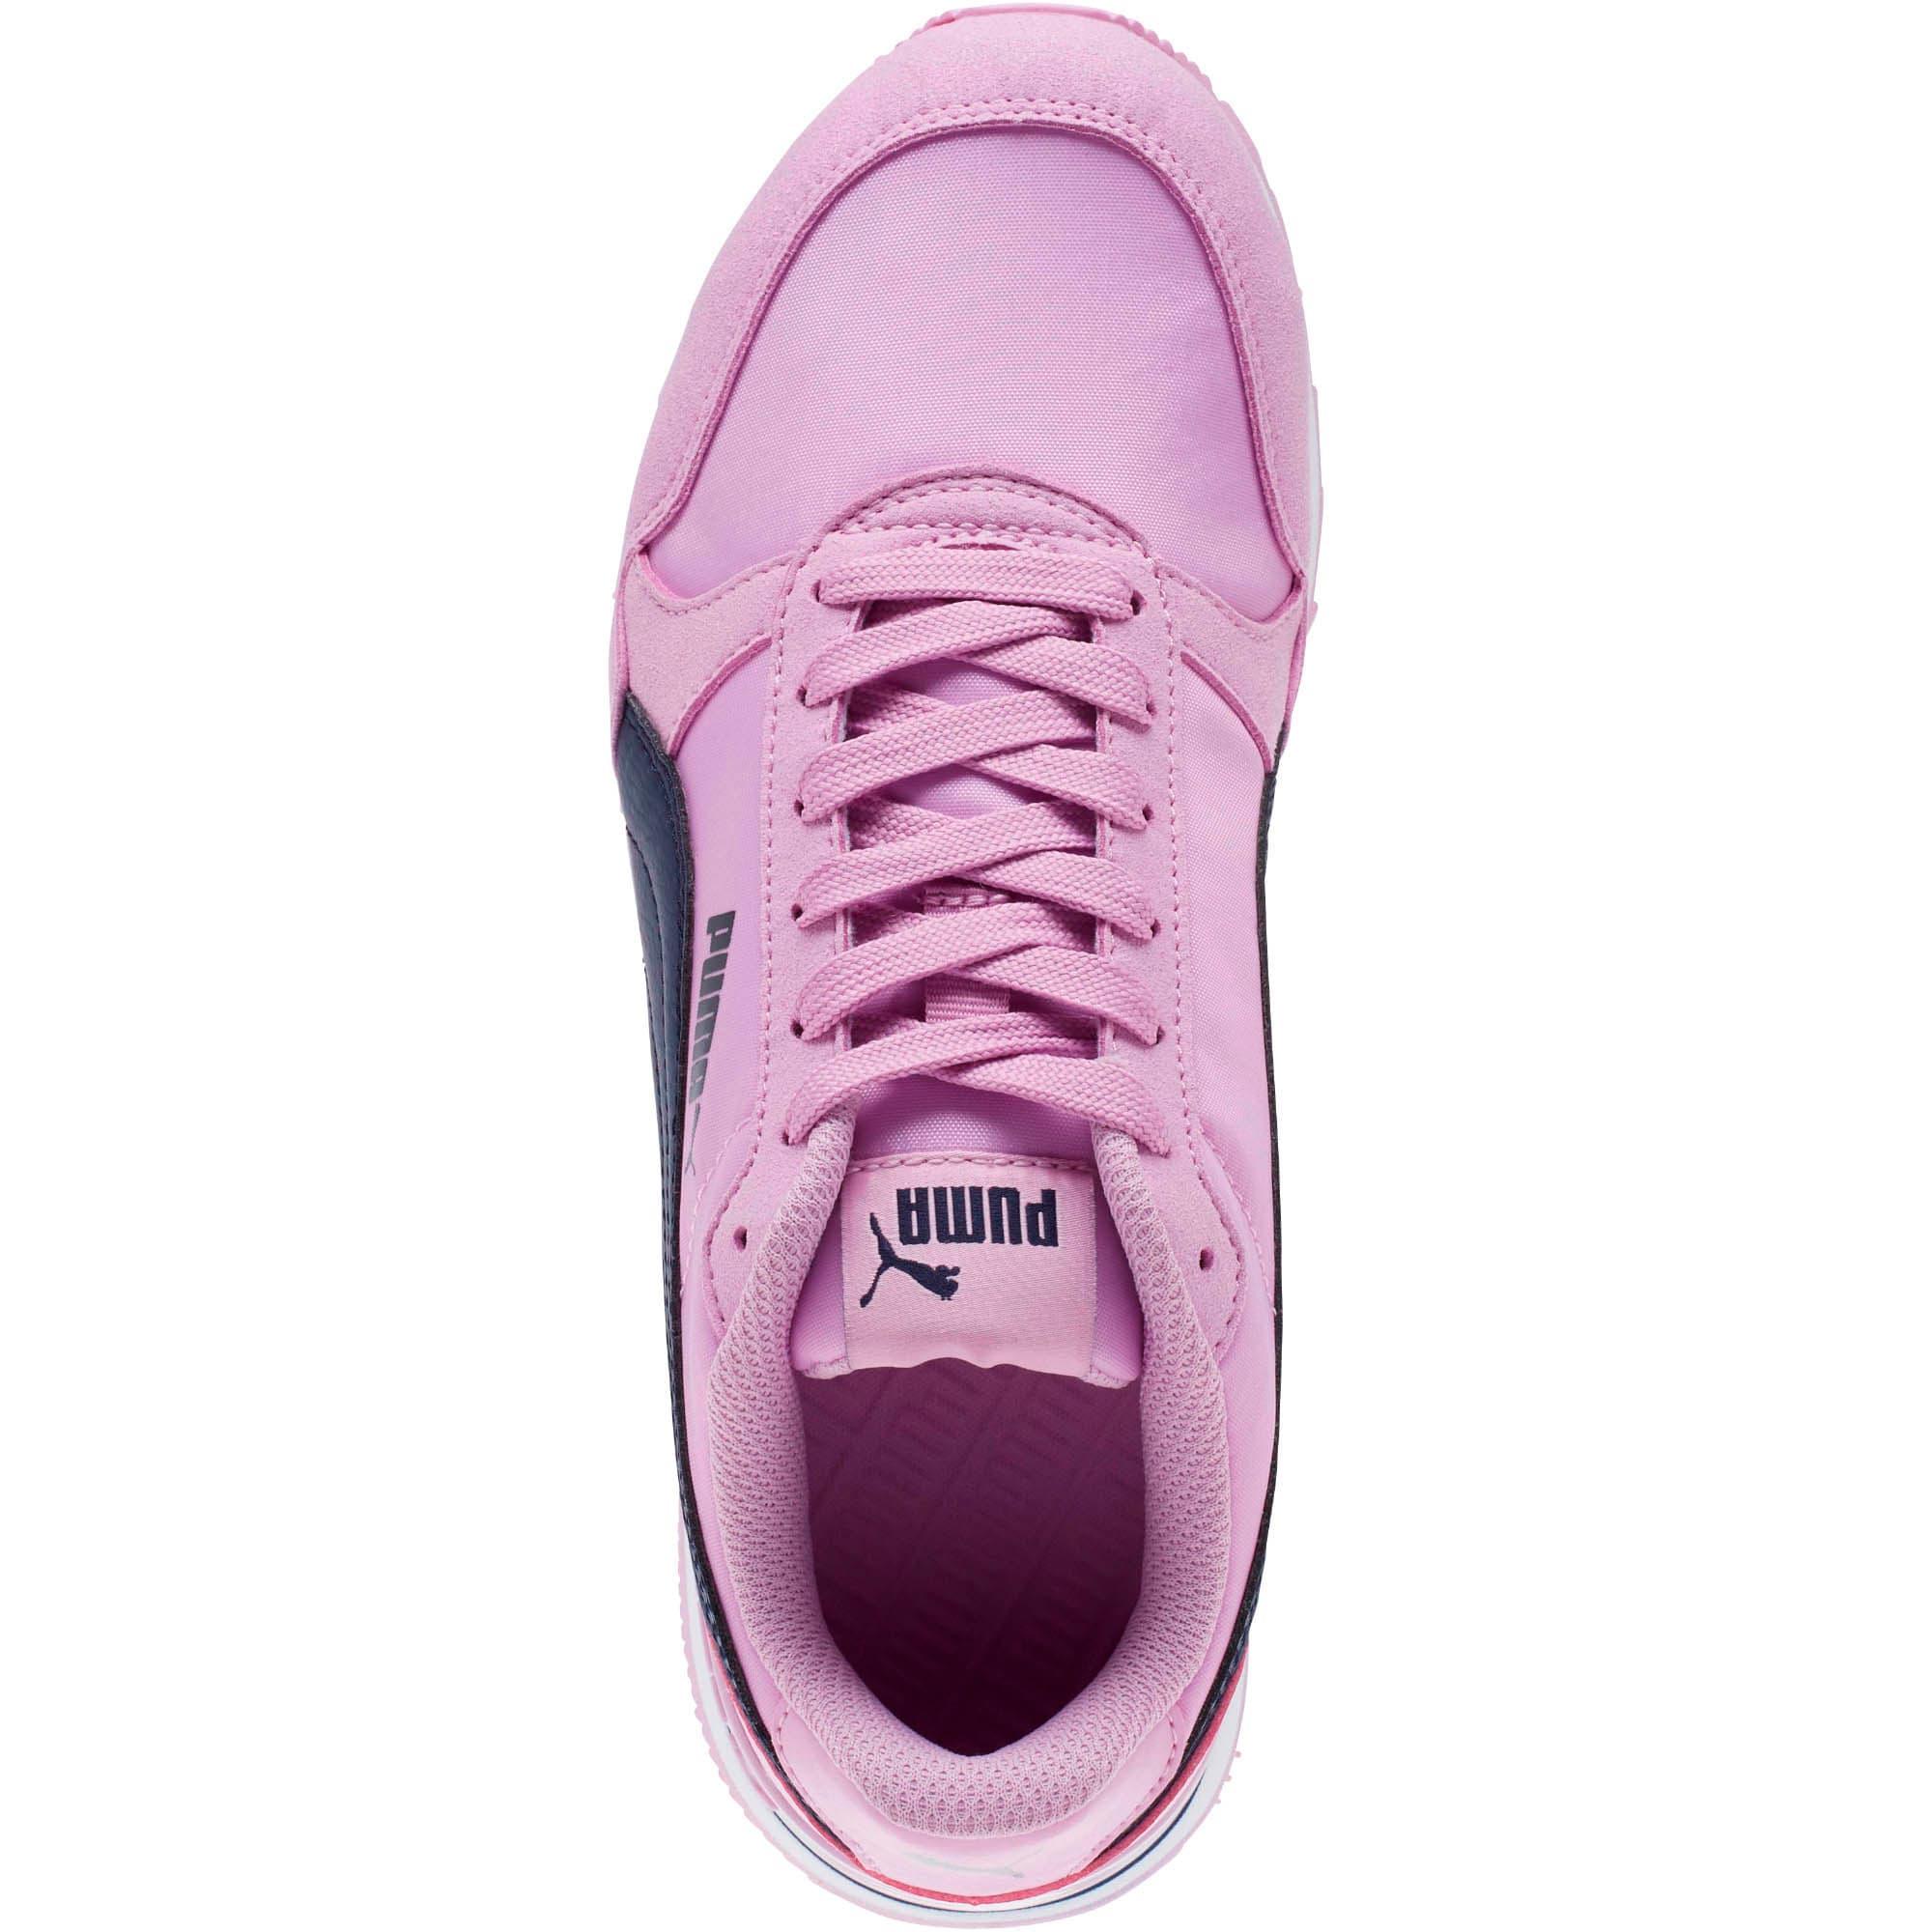 Thumbnail 5 of ST Runner v2 NL Sneakers JR, Orchid-Peacoat, medium